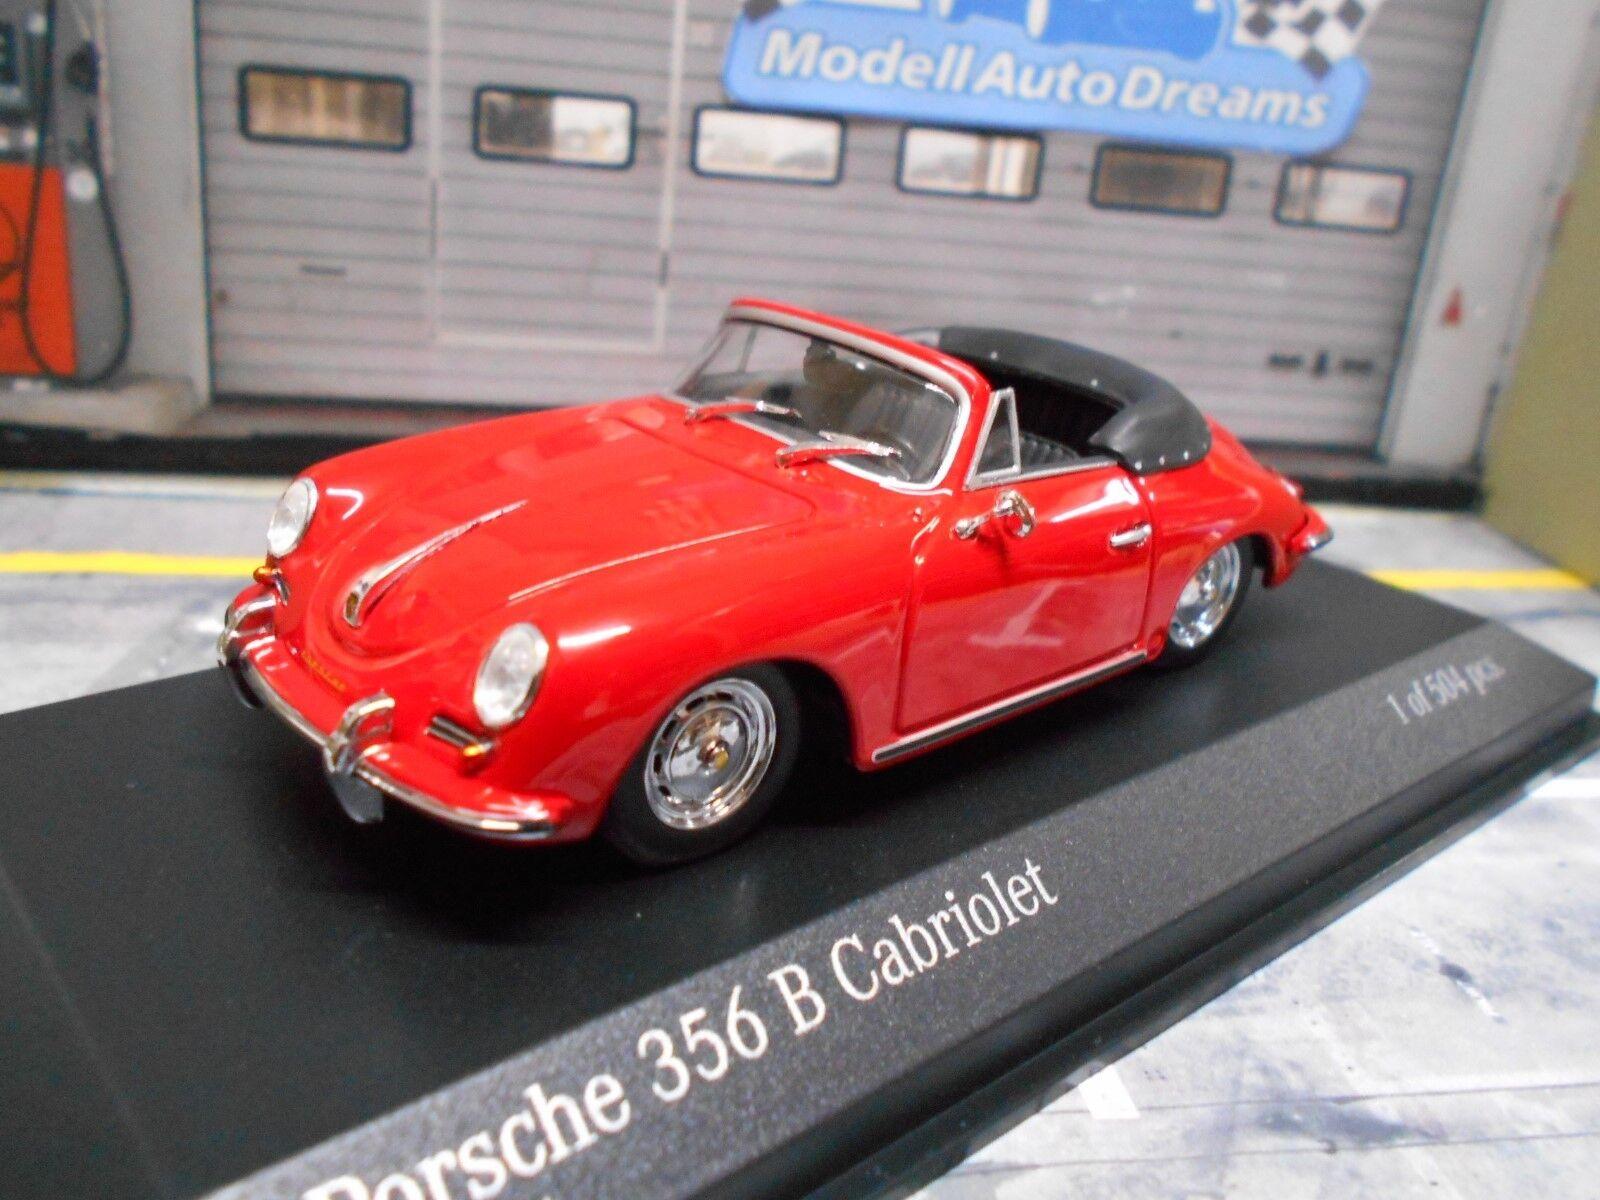 Porsche 356 B 356b Cabriolet Converdeible rojo rojo rojo rojo 1960 Minichamps 1 43 314a10